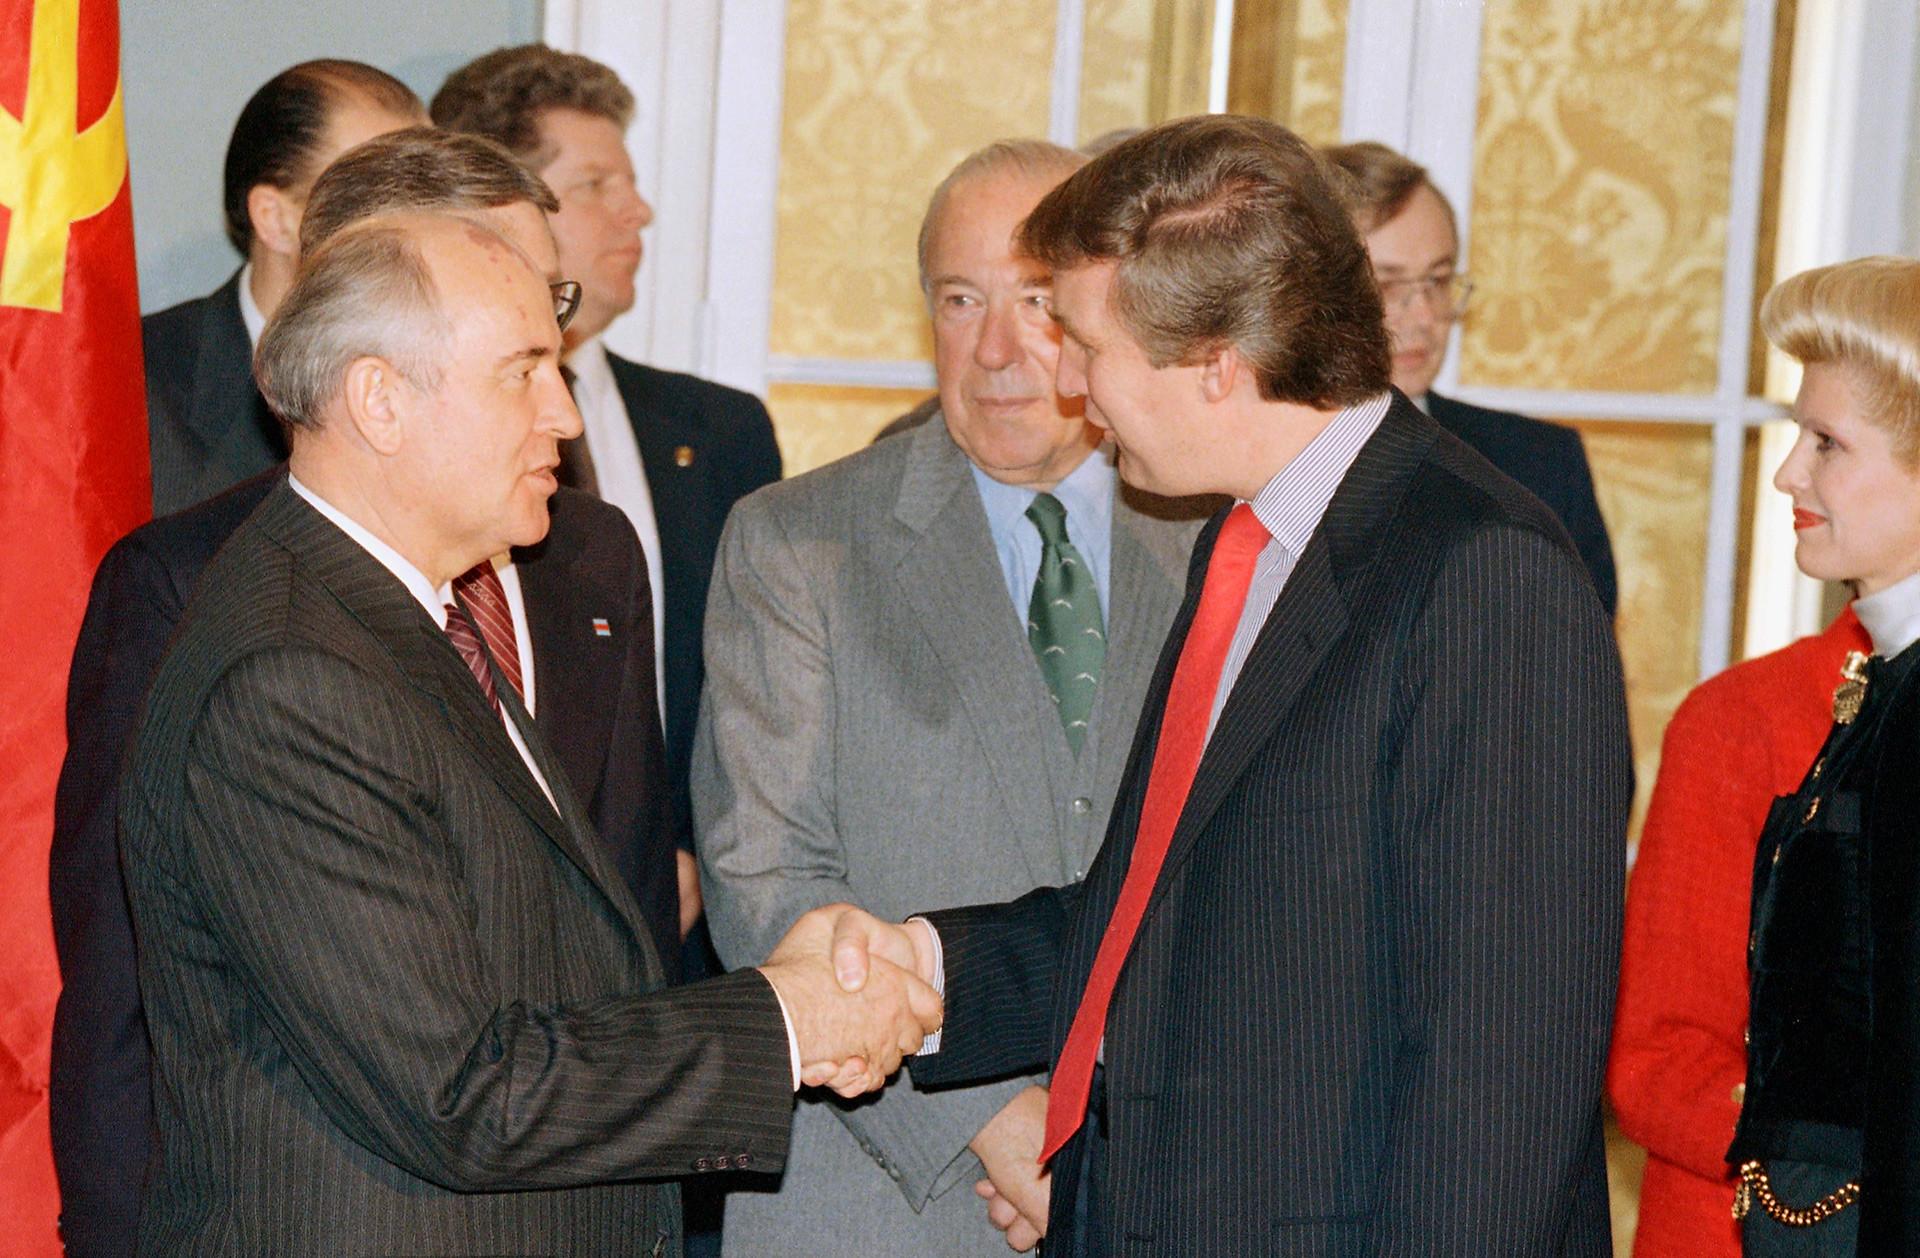 ミハイル・ゴルバチョフとドナルド・トランプ